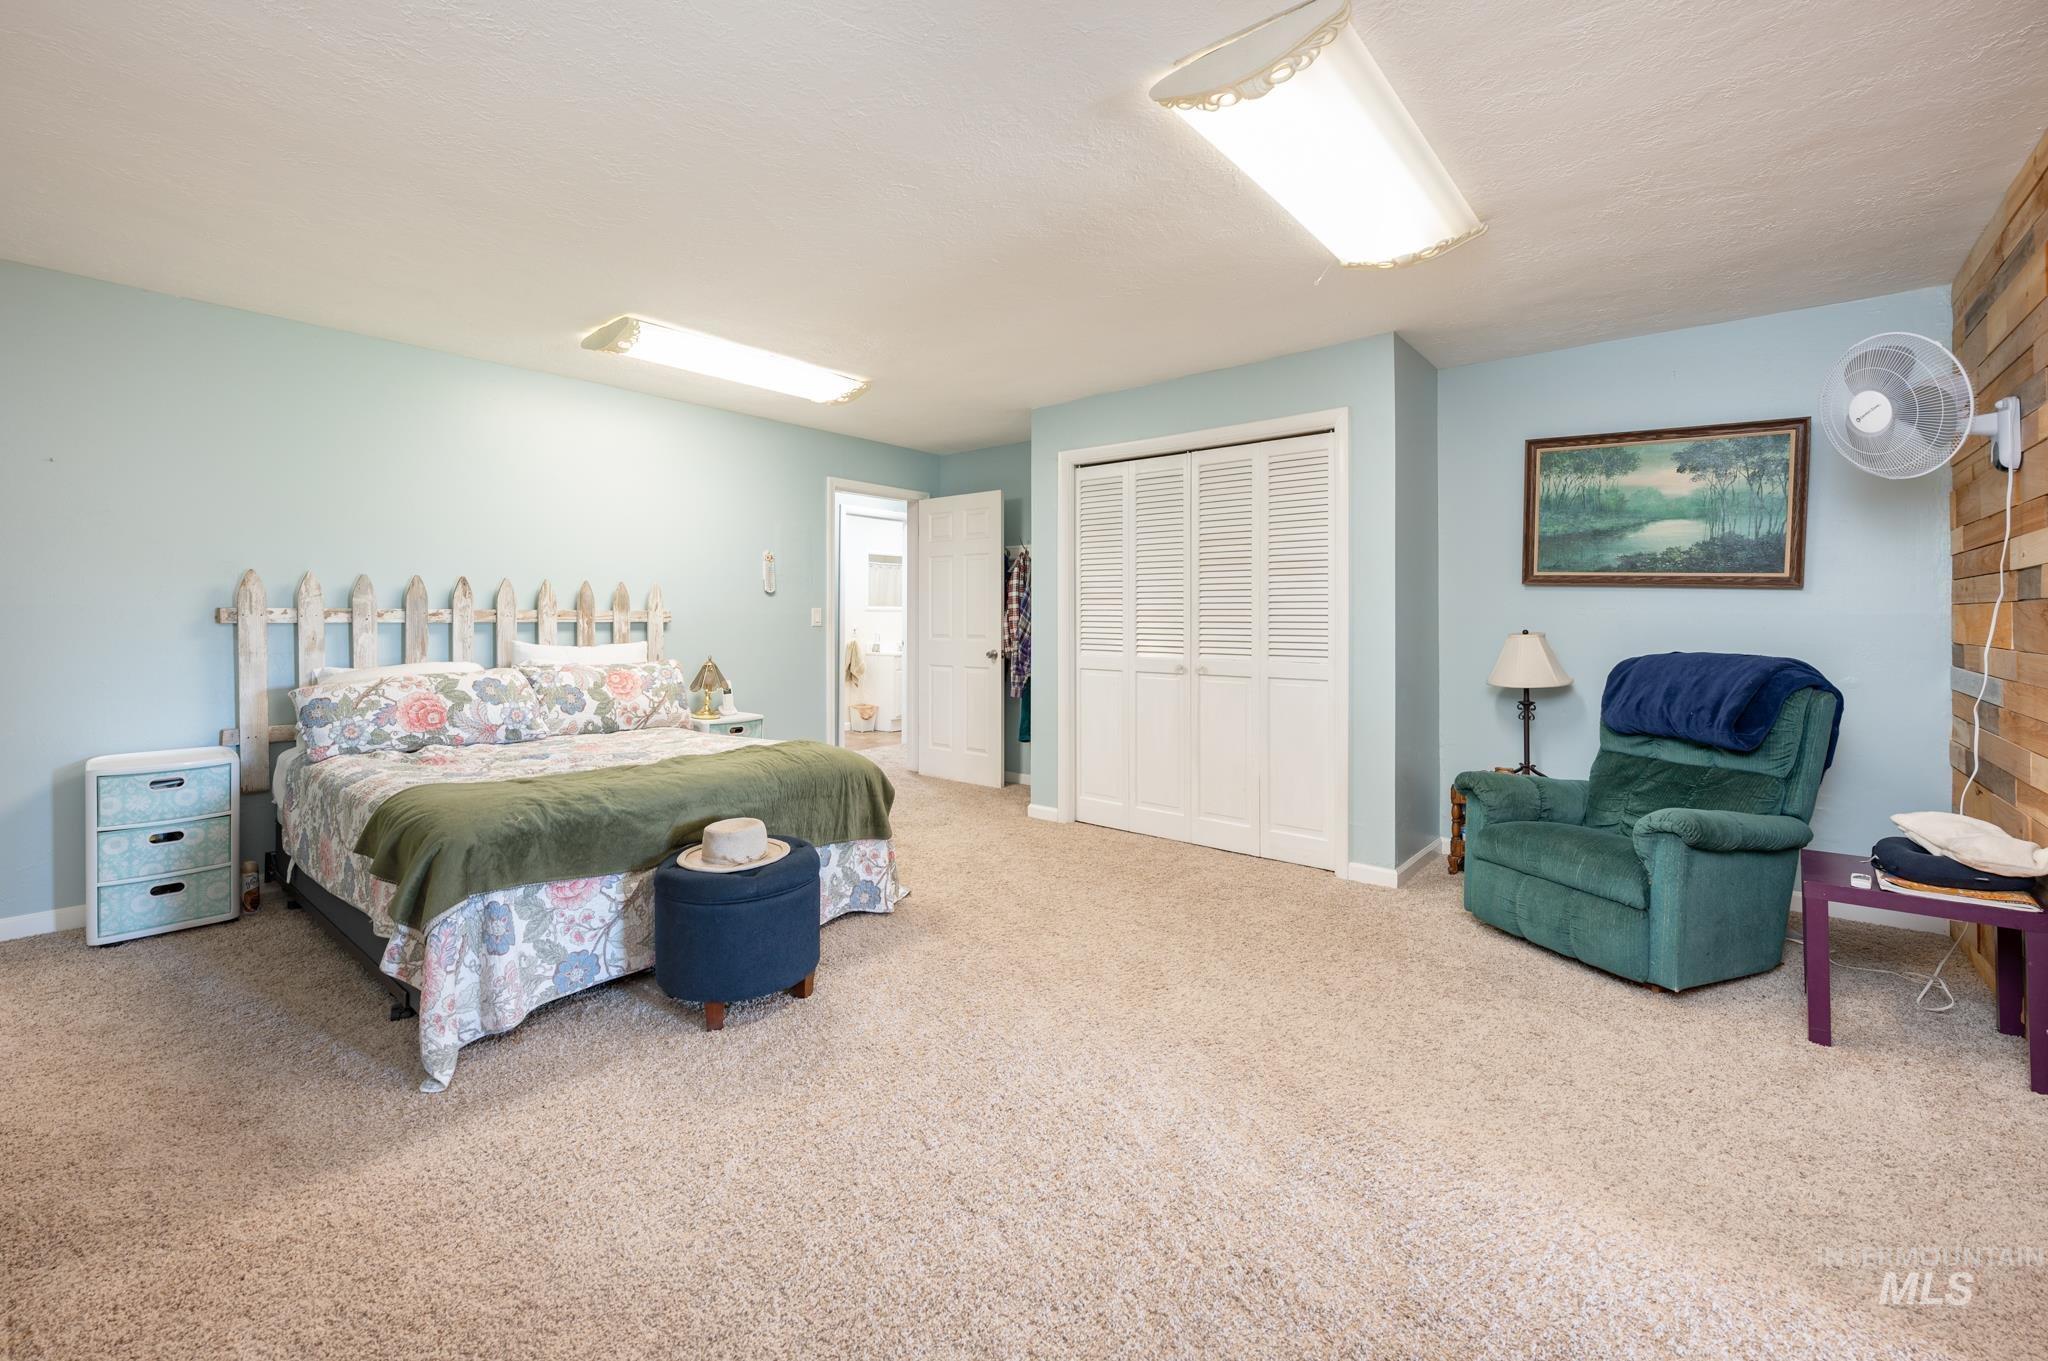 11545 W Kuna Rd Property Photo 30